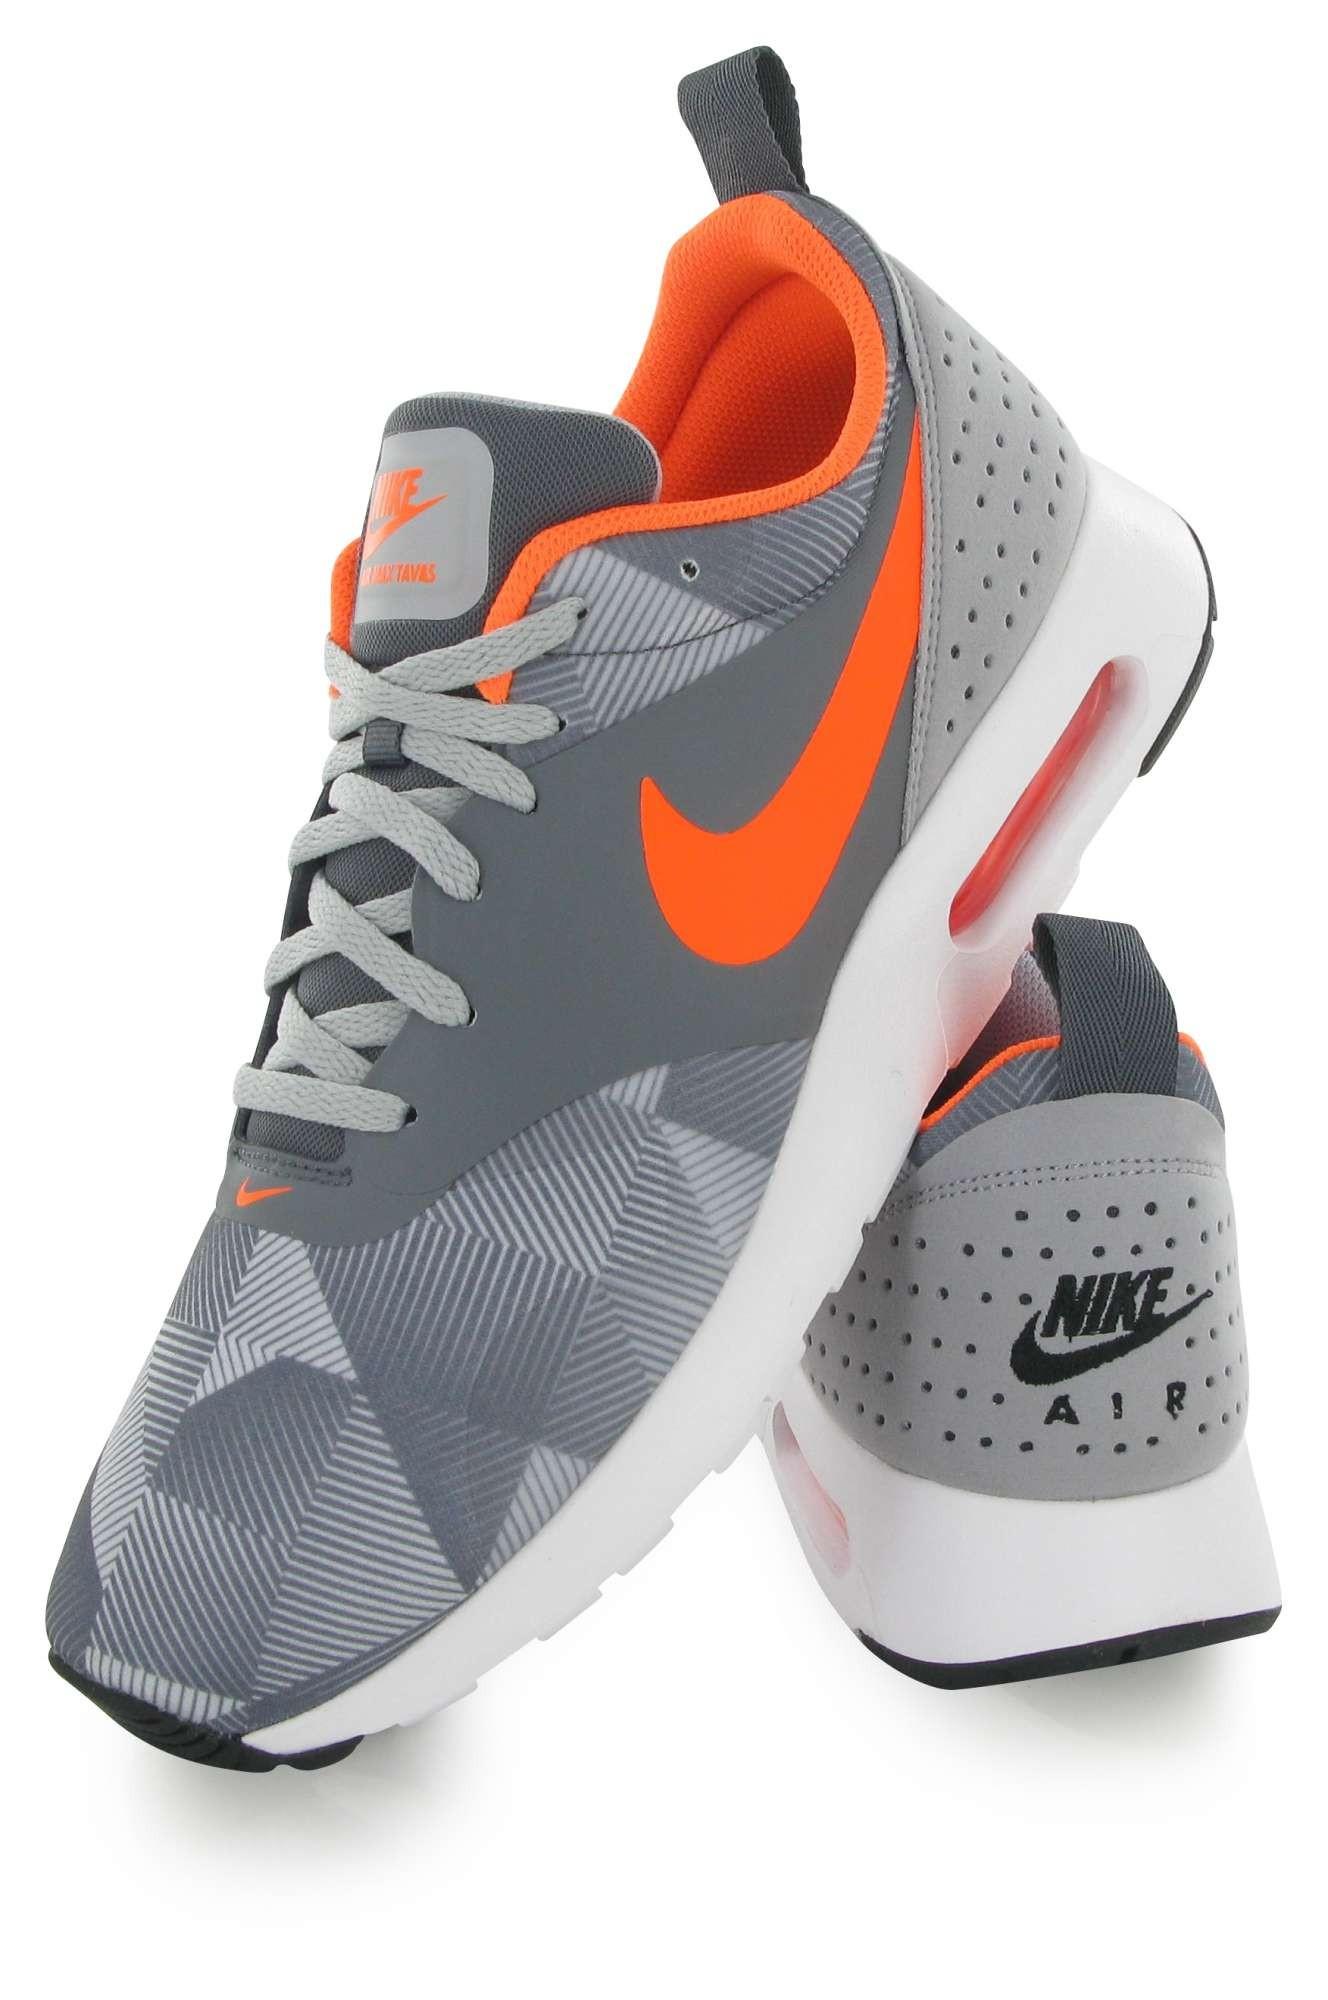 huge discount e314a 29ae6 Grande lection Nike Air Max Tavas Femme Chaussures Pas Cher Alainhemet